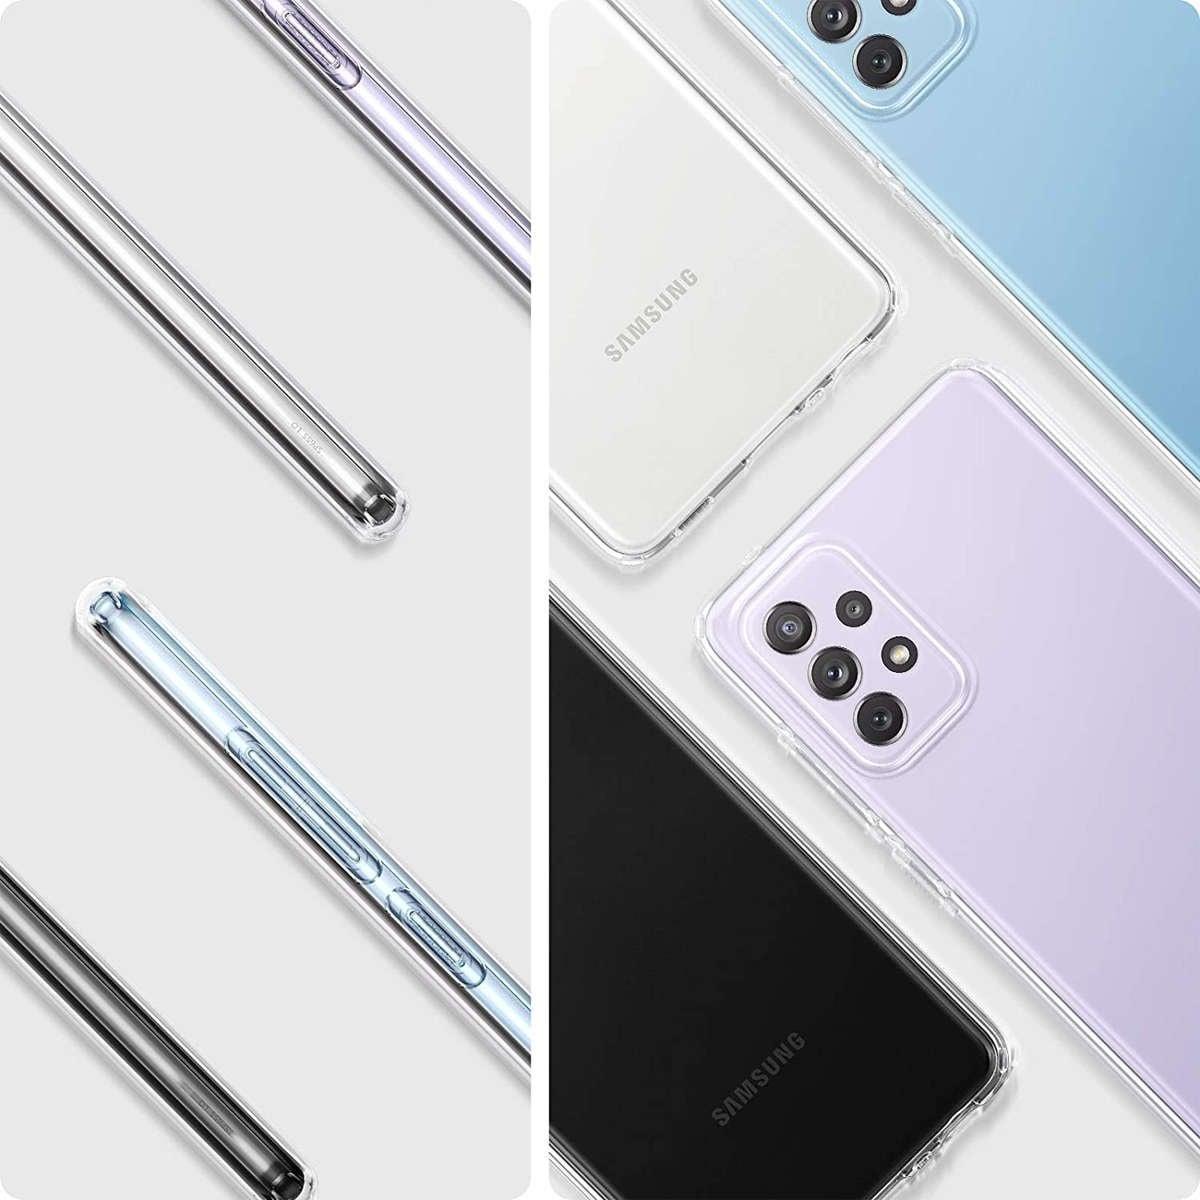 Etui Spigen Liquid Crystal do Samsung Galaxy A52 LTE/ 5G Crystal Clear - 10